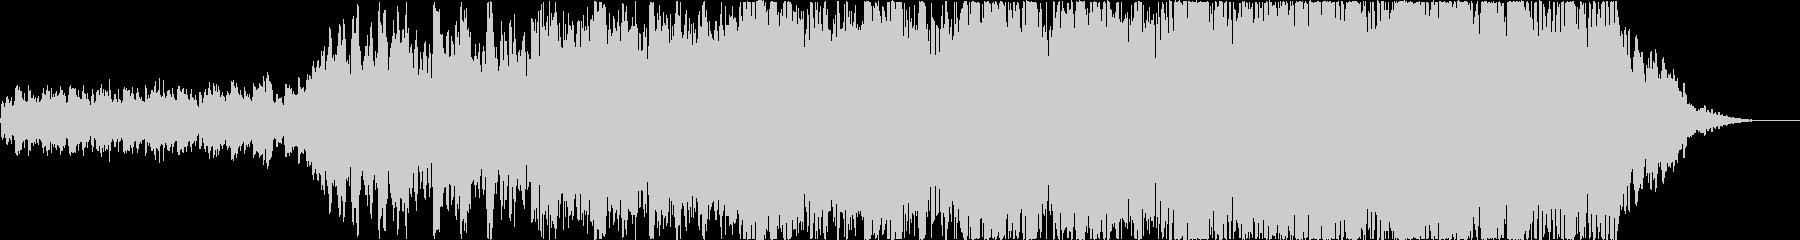 【1分】優しく感動的なポップオーケストラの未再生の波形